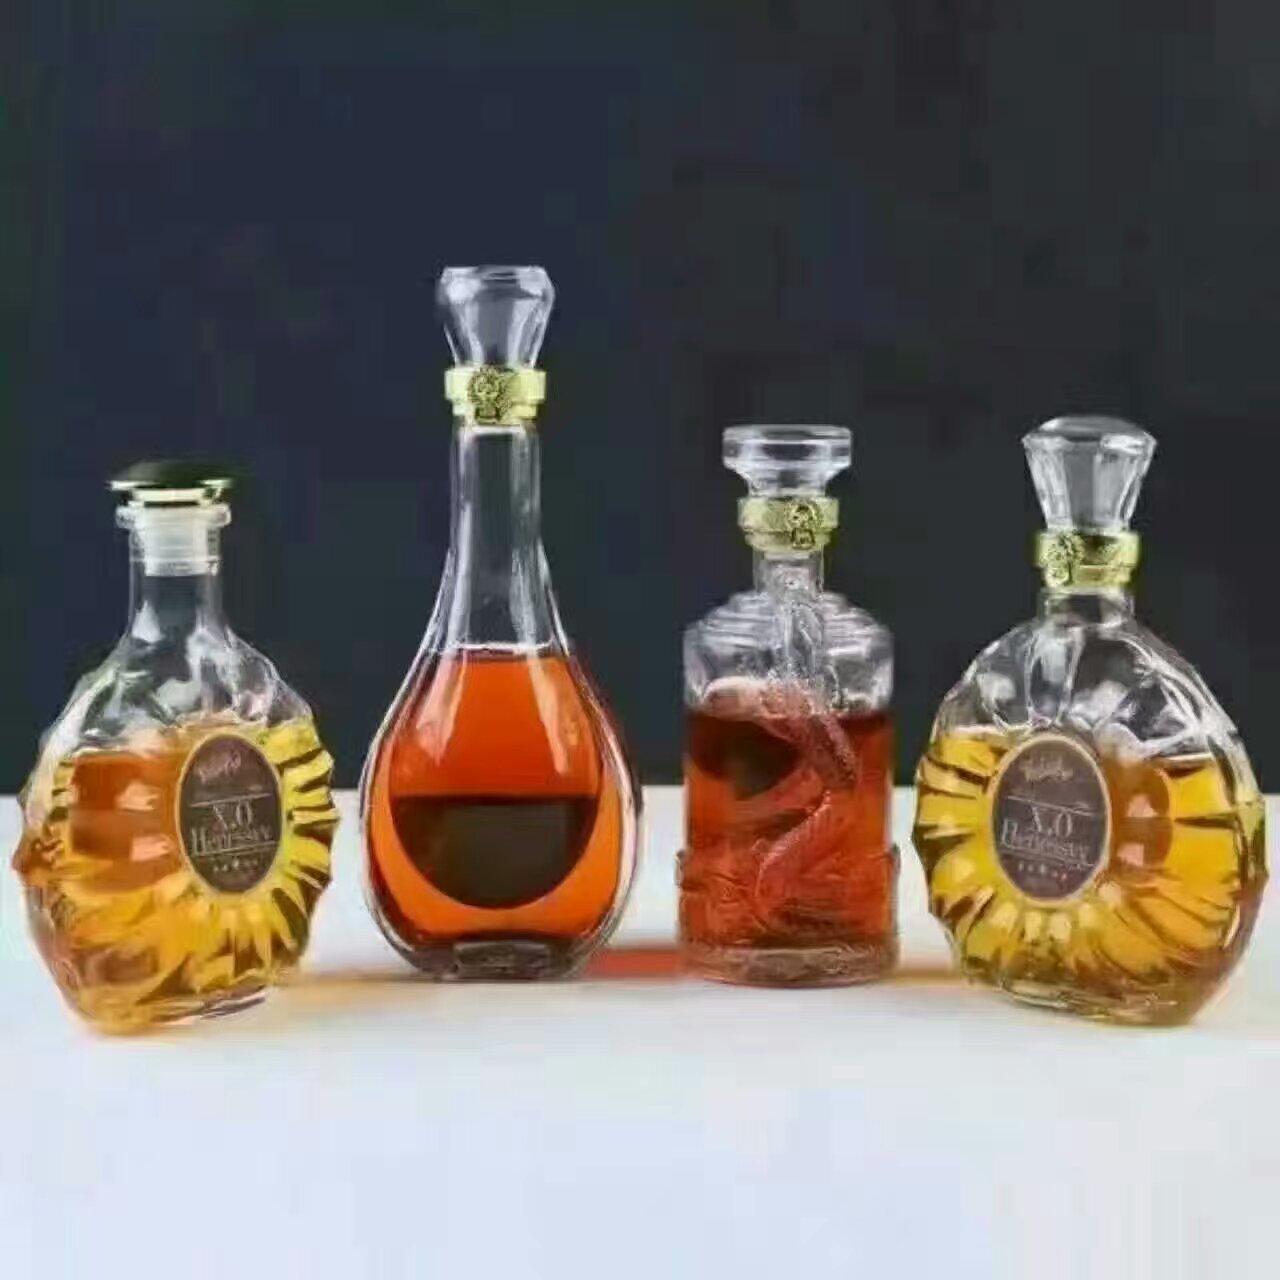 时尚玻璃酒瓶酒瓶 玻璃酒瓶玻璃酒瓶就瓶深加工